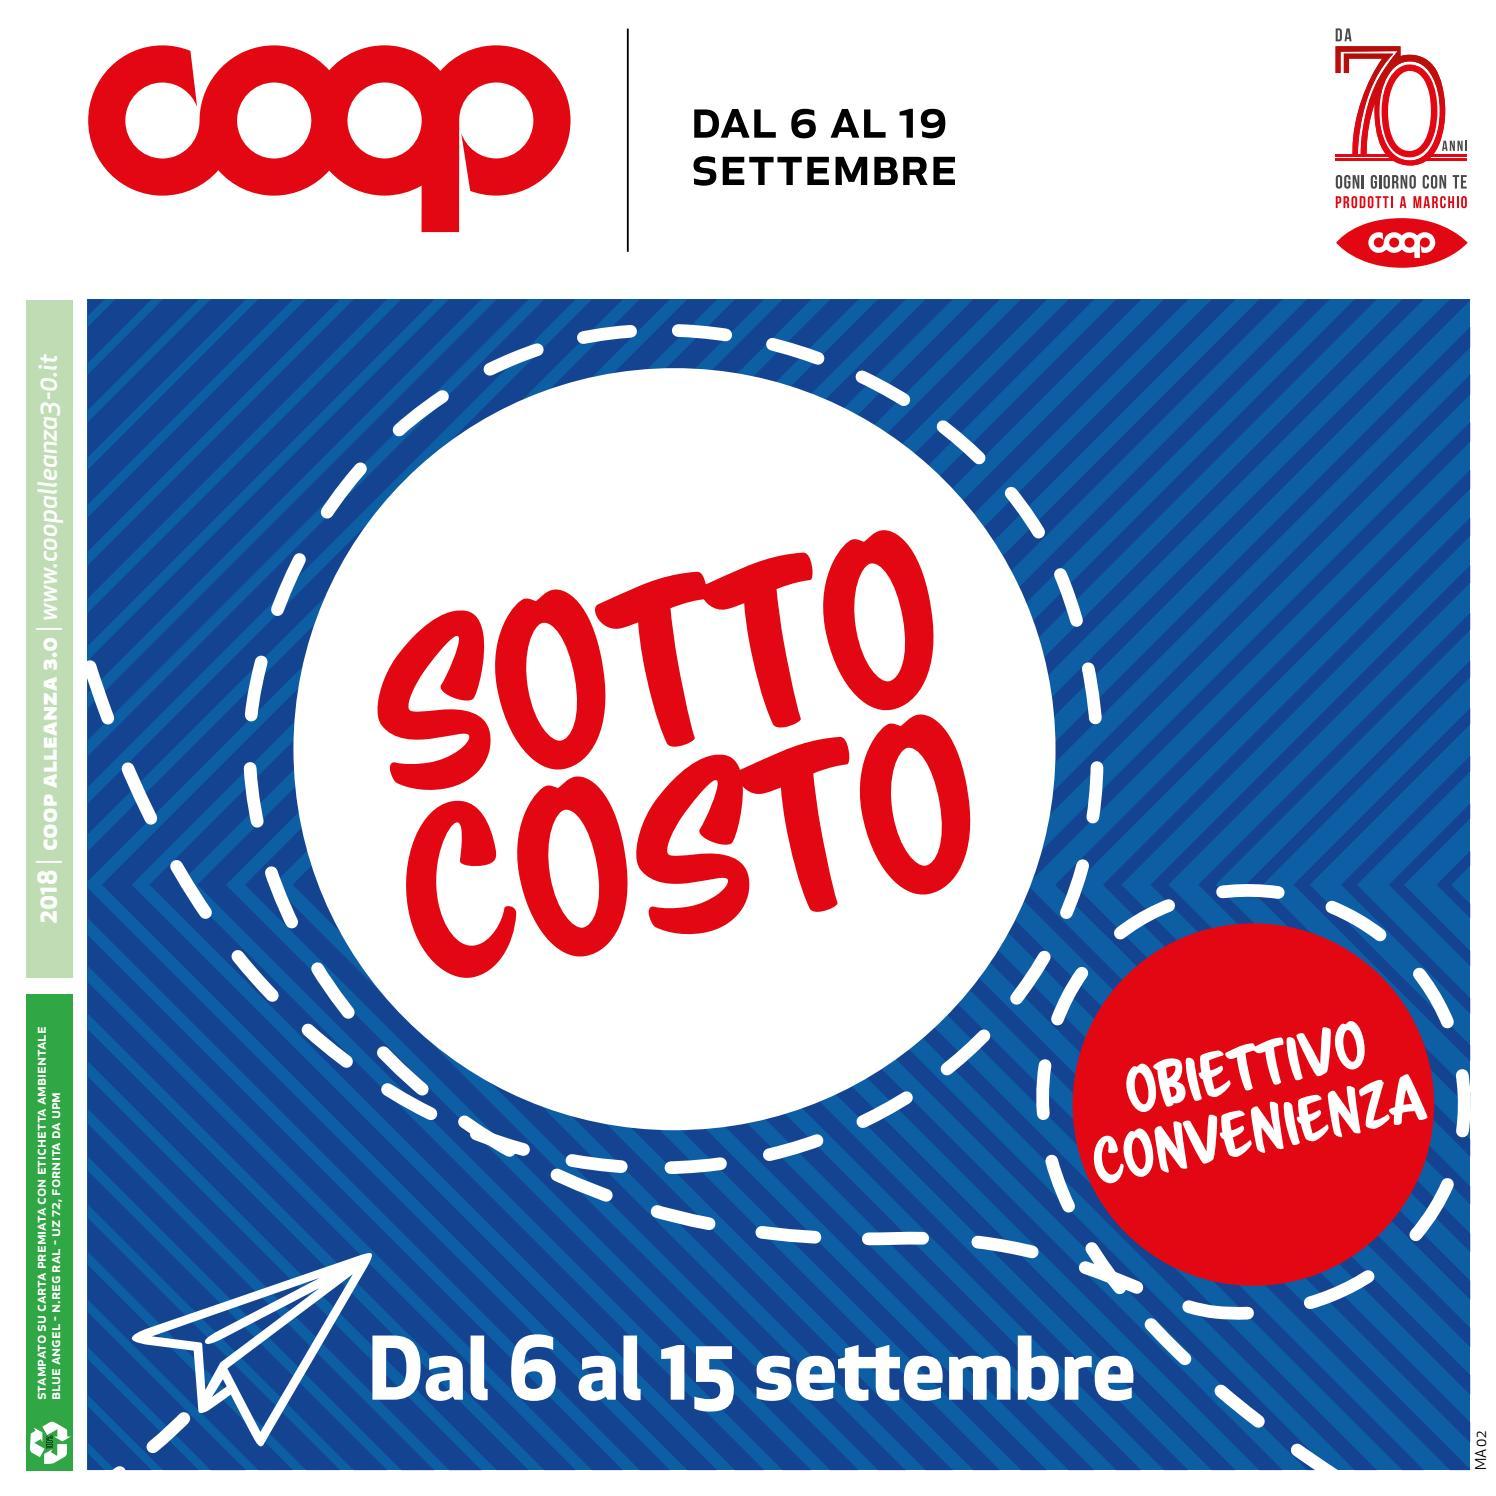 Il Re Del Materasso Montesilvano.52774 Smk Ma02 02 Pdf7288231552154688368 By Coop Alleanza 3 0 Issuu